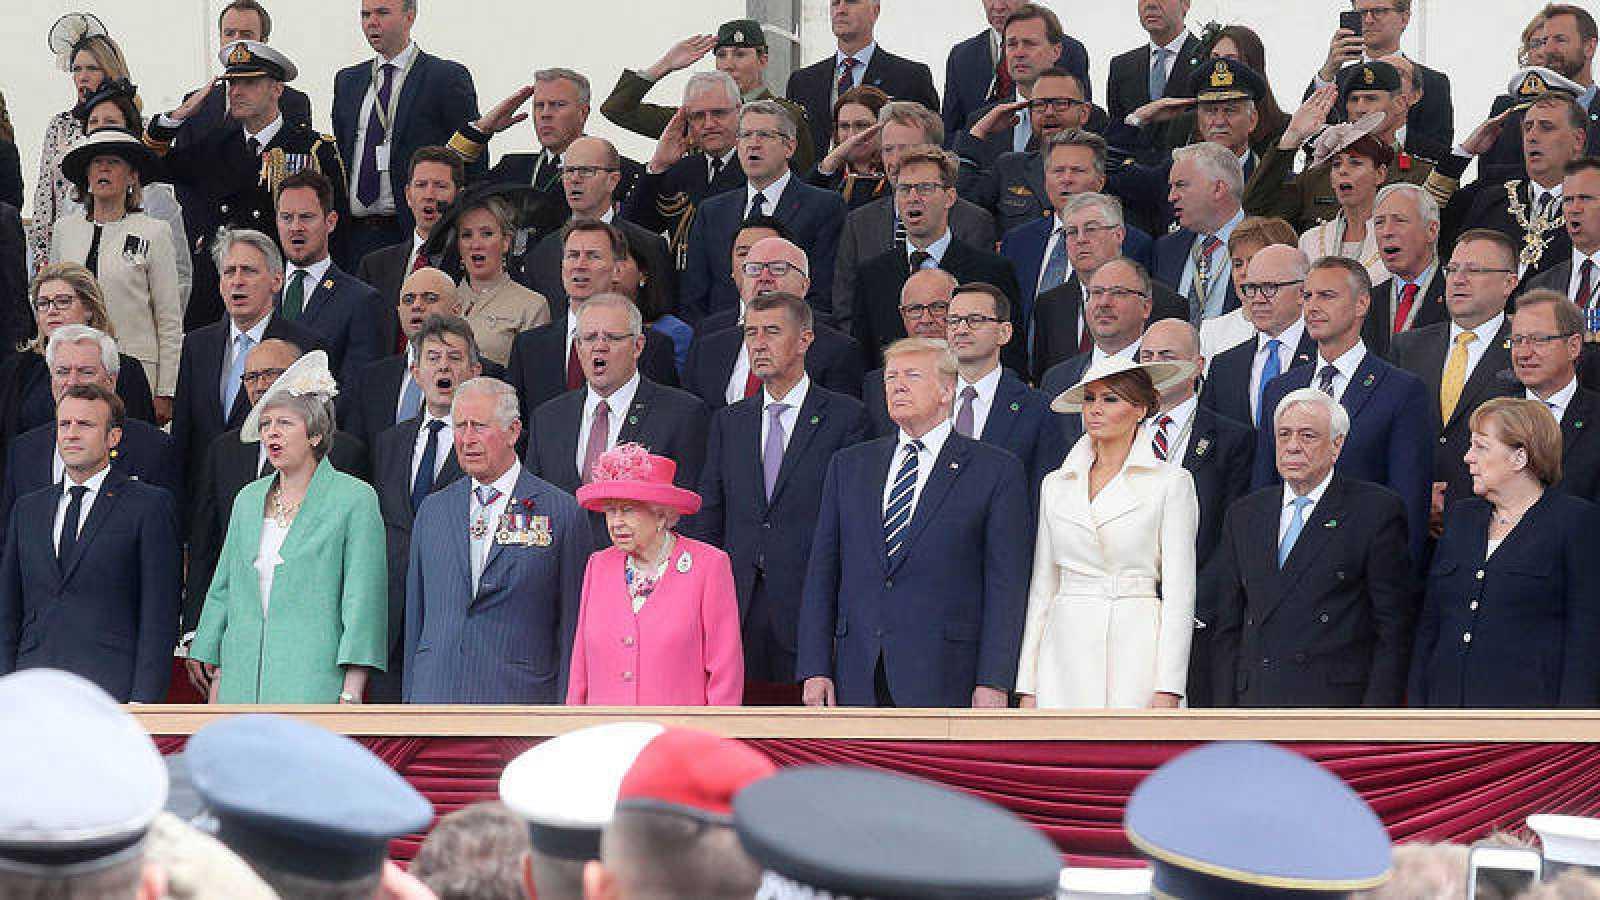 Resultado de imagen para Reino Unido participaron del homenaje por el 75º aniversario del Día D